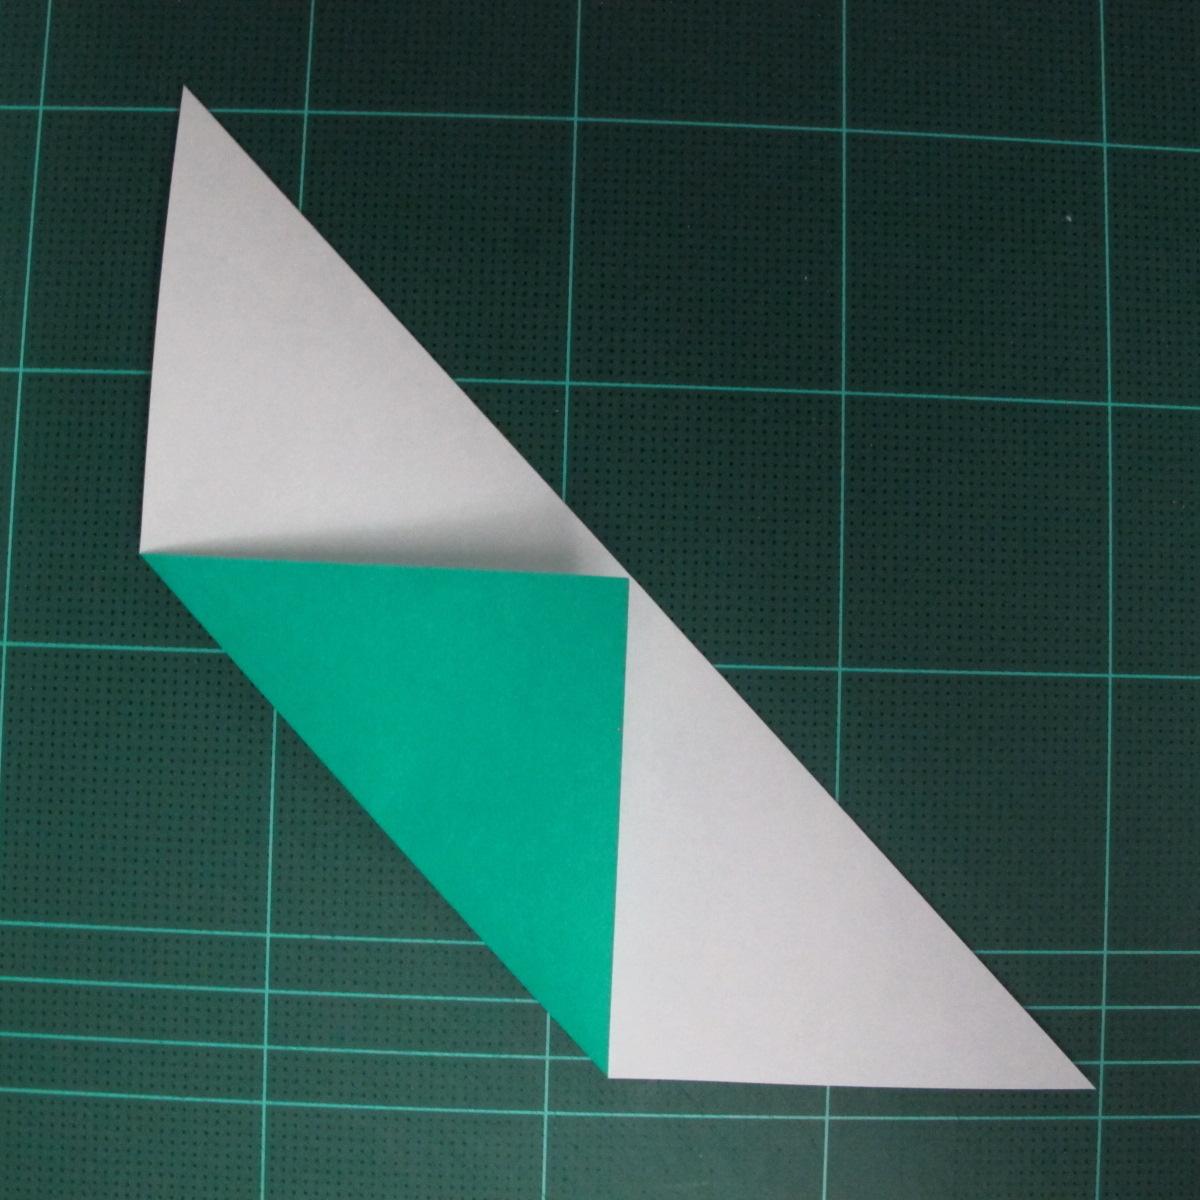 การพับกระดาษเป็นรูปเรือมังกร (Origami Dragon Boat) 007